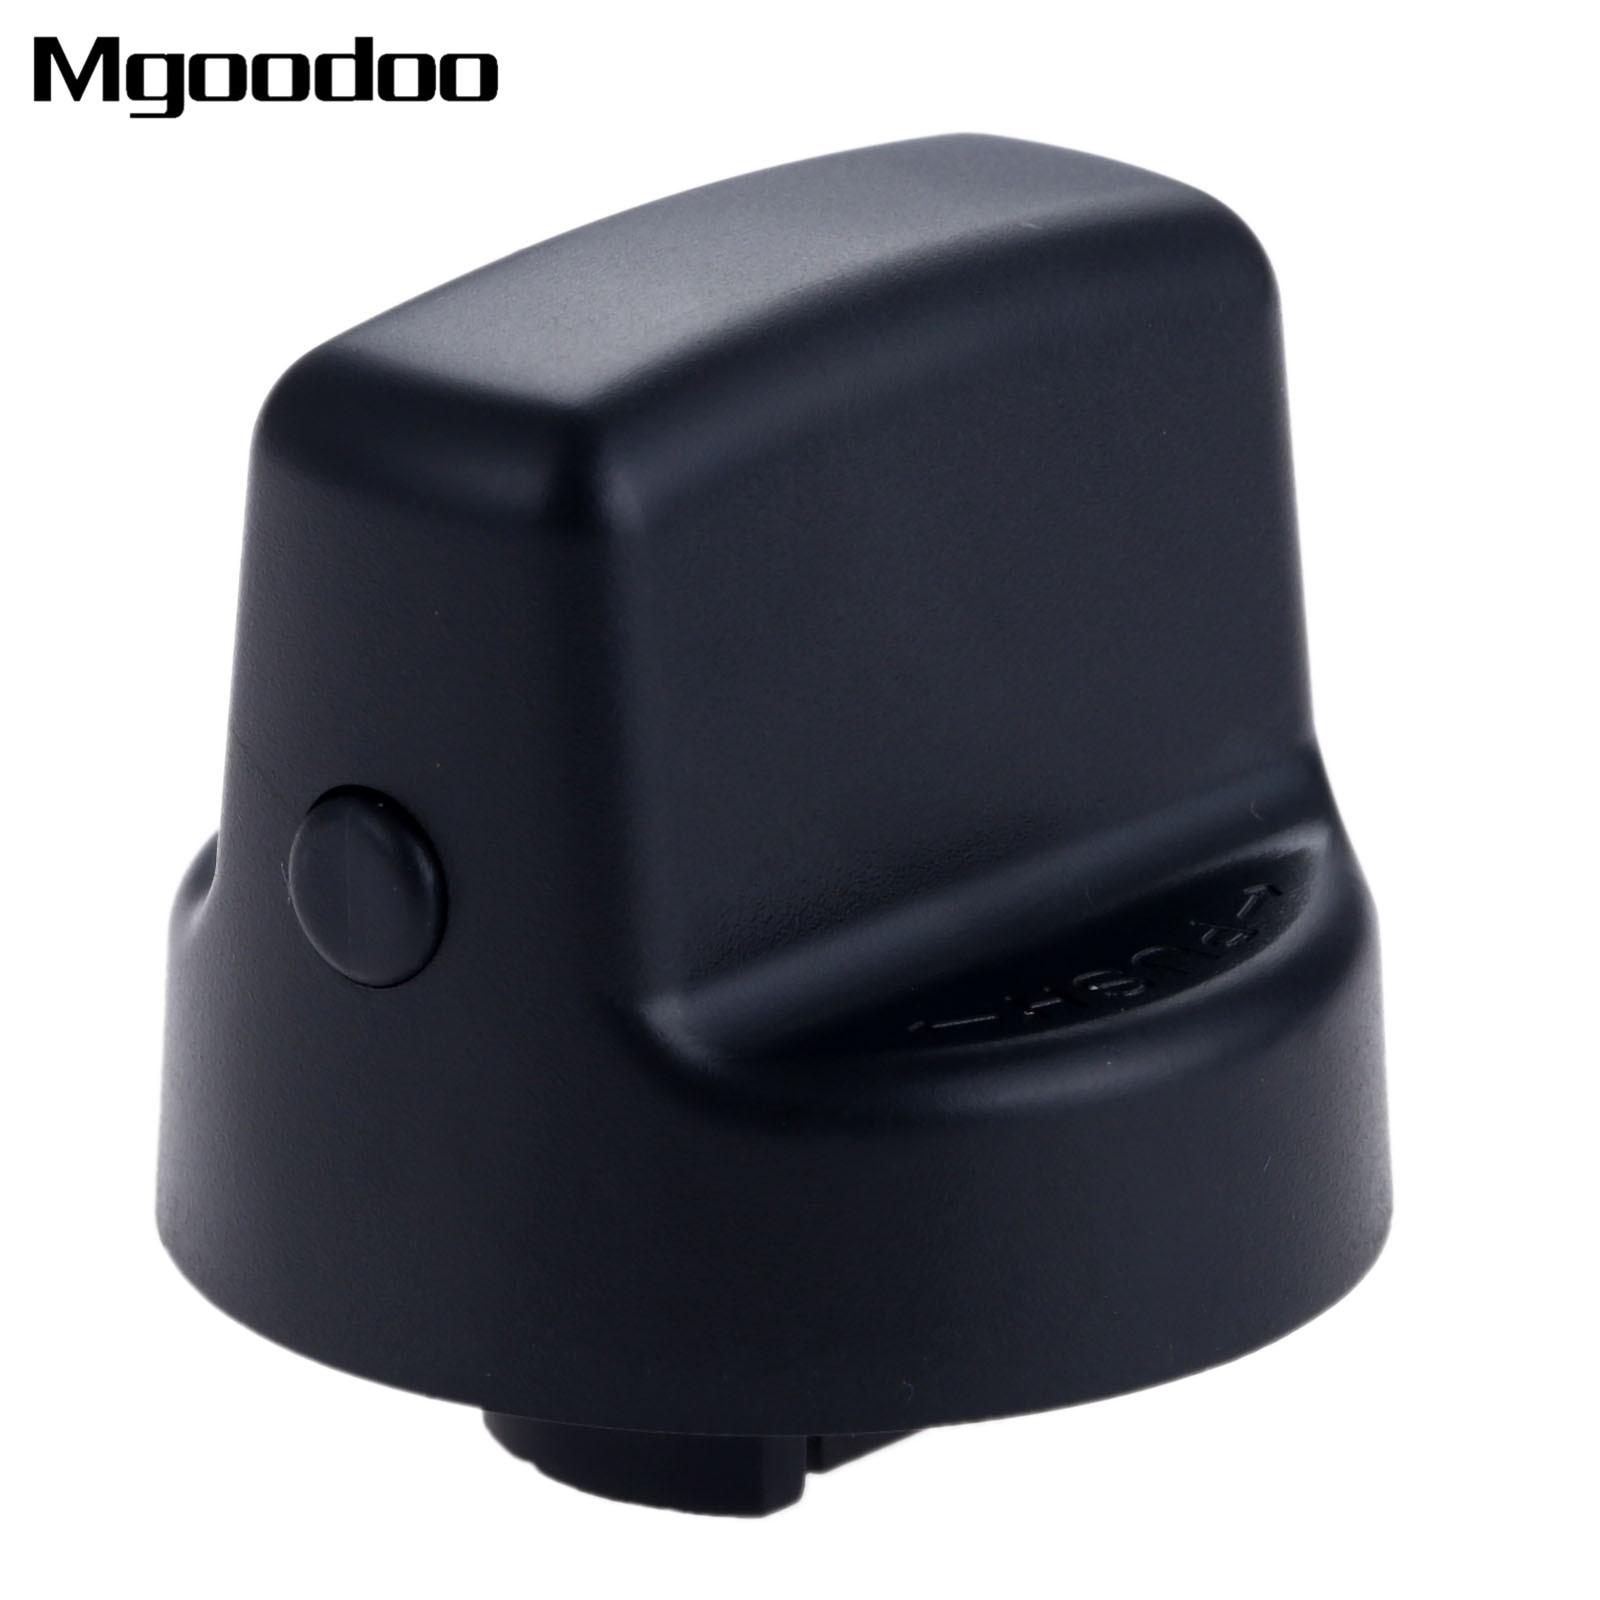 Llave y perilla de arranque del motor de arranque Mgoodoo para velocidad Mazda 6 CX7 CX9 botón de encendido D461-66-141A-02 Base D6Y1-76-142